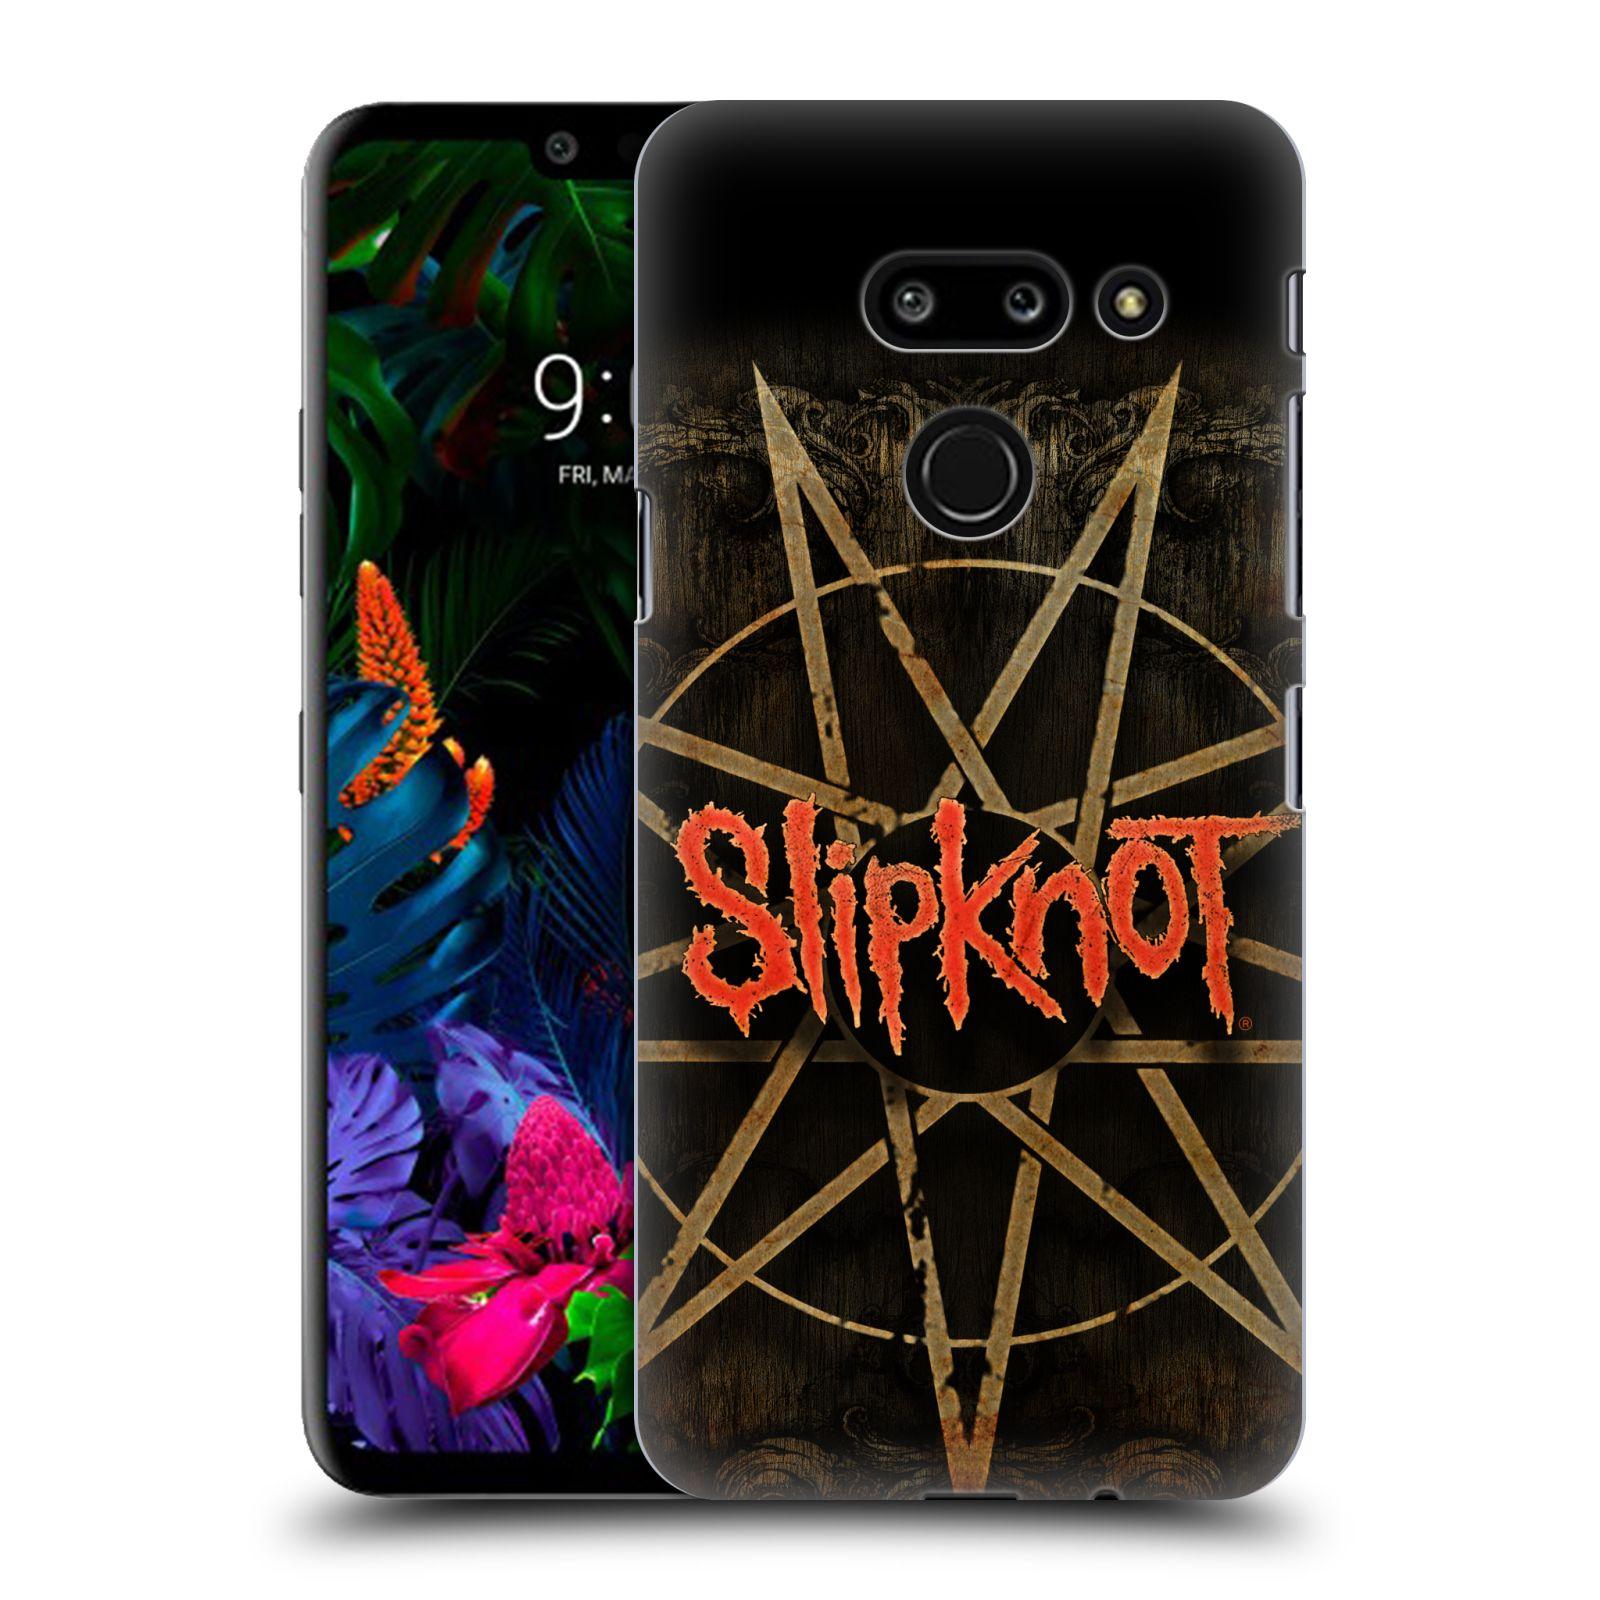 Plastové pouzdro na mobil LG G8 ThinQ - Head Case - Slipknot - Znak